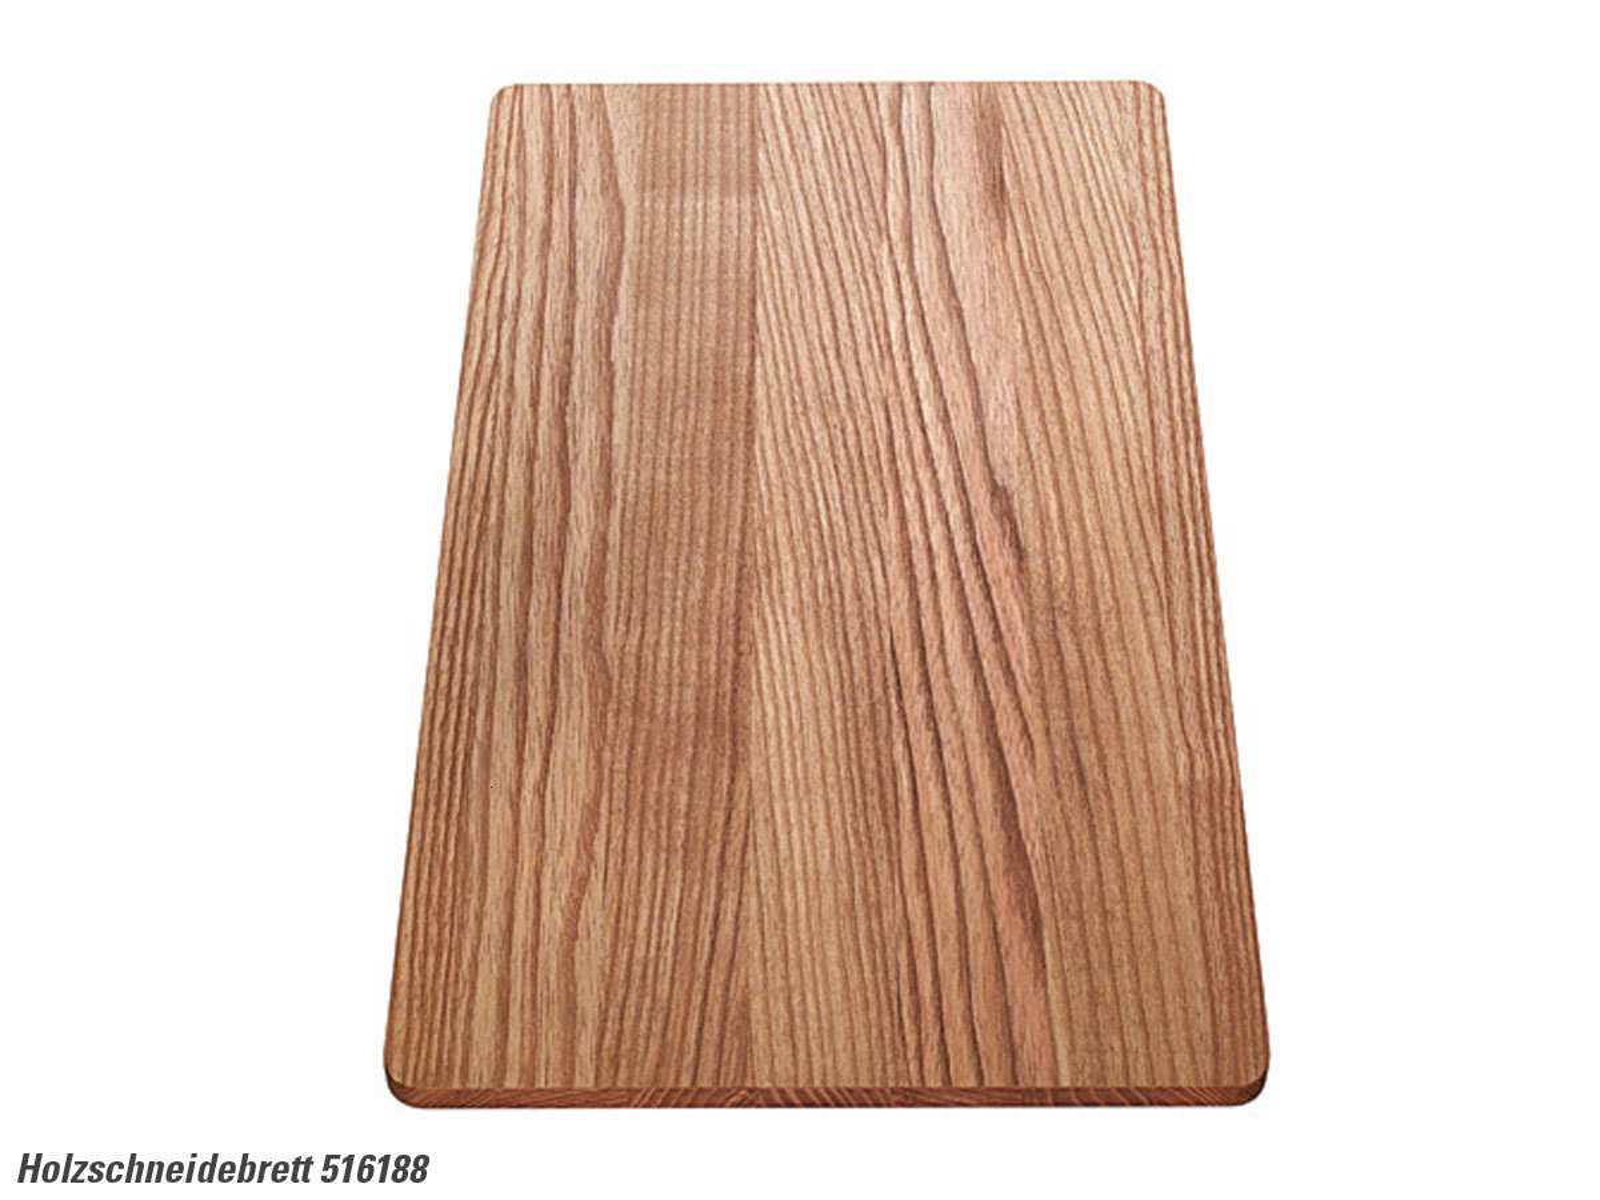 Blanco 516 188 Holzschneidebrett Kernesche